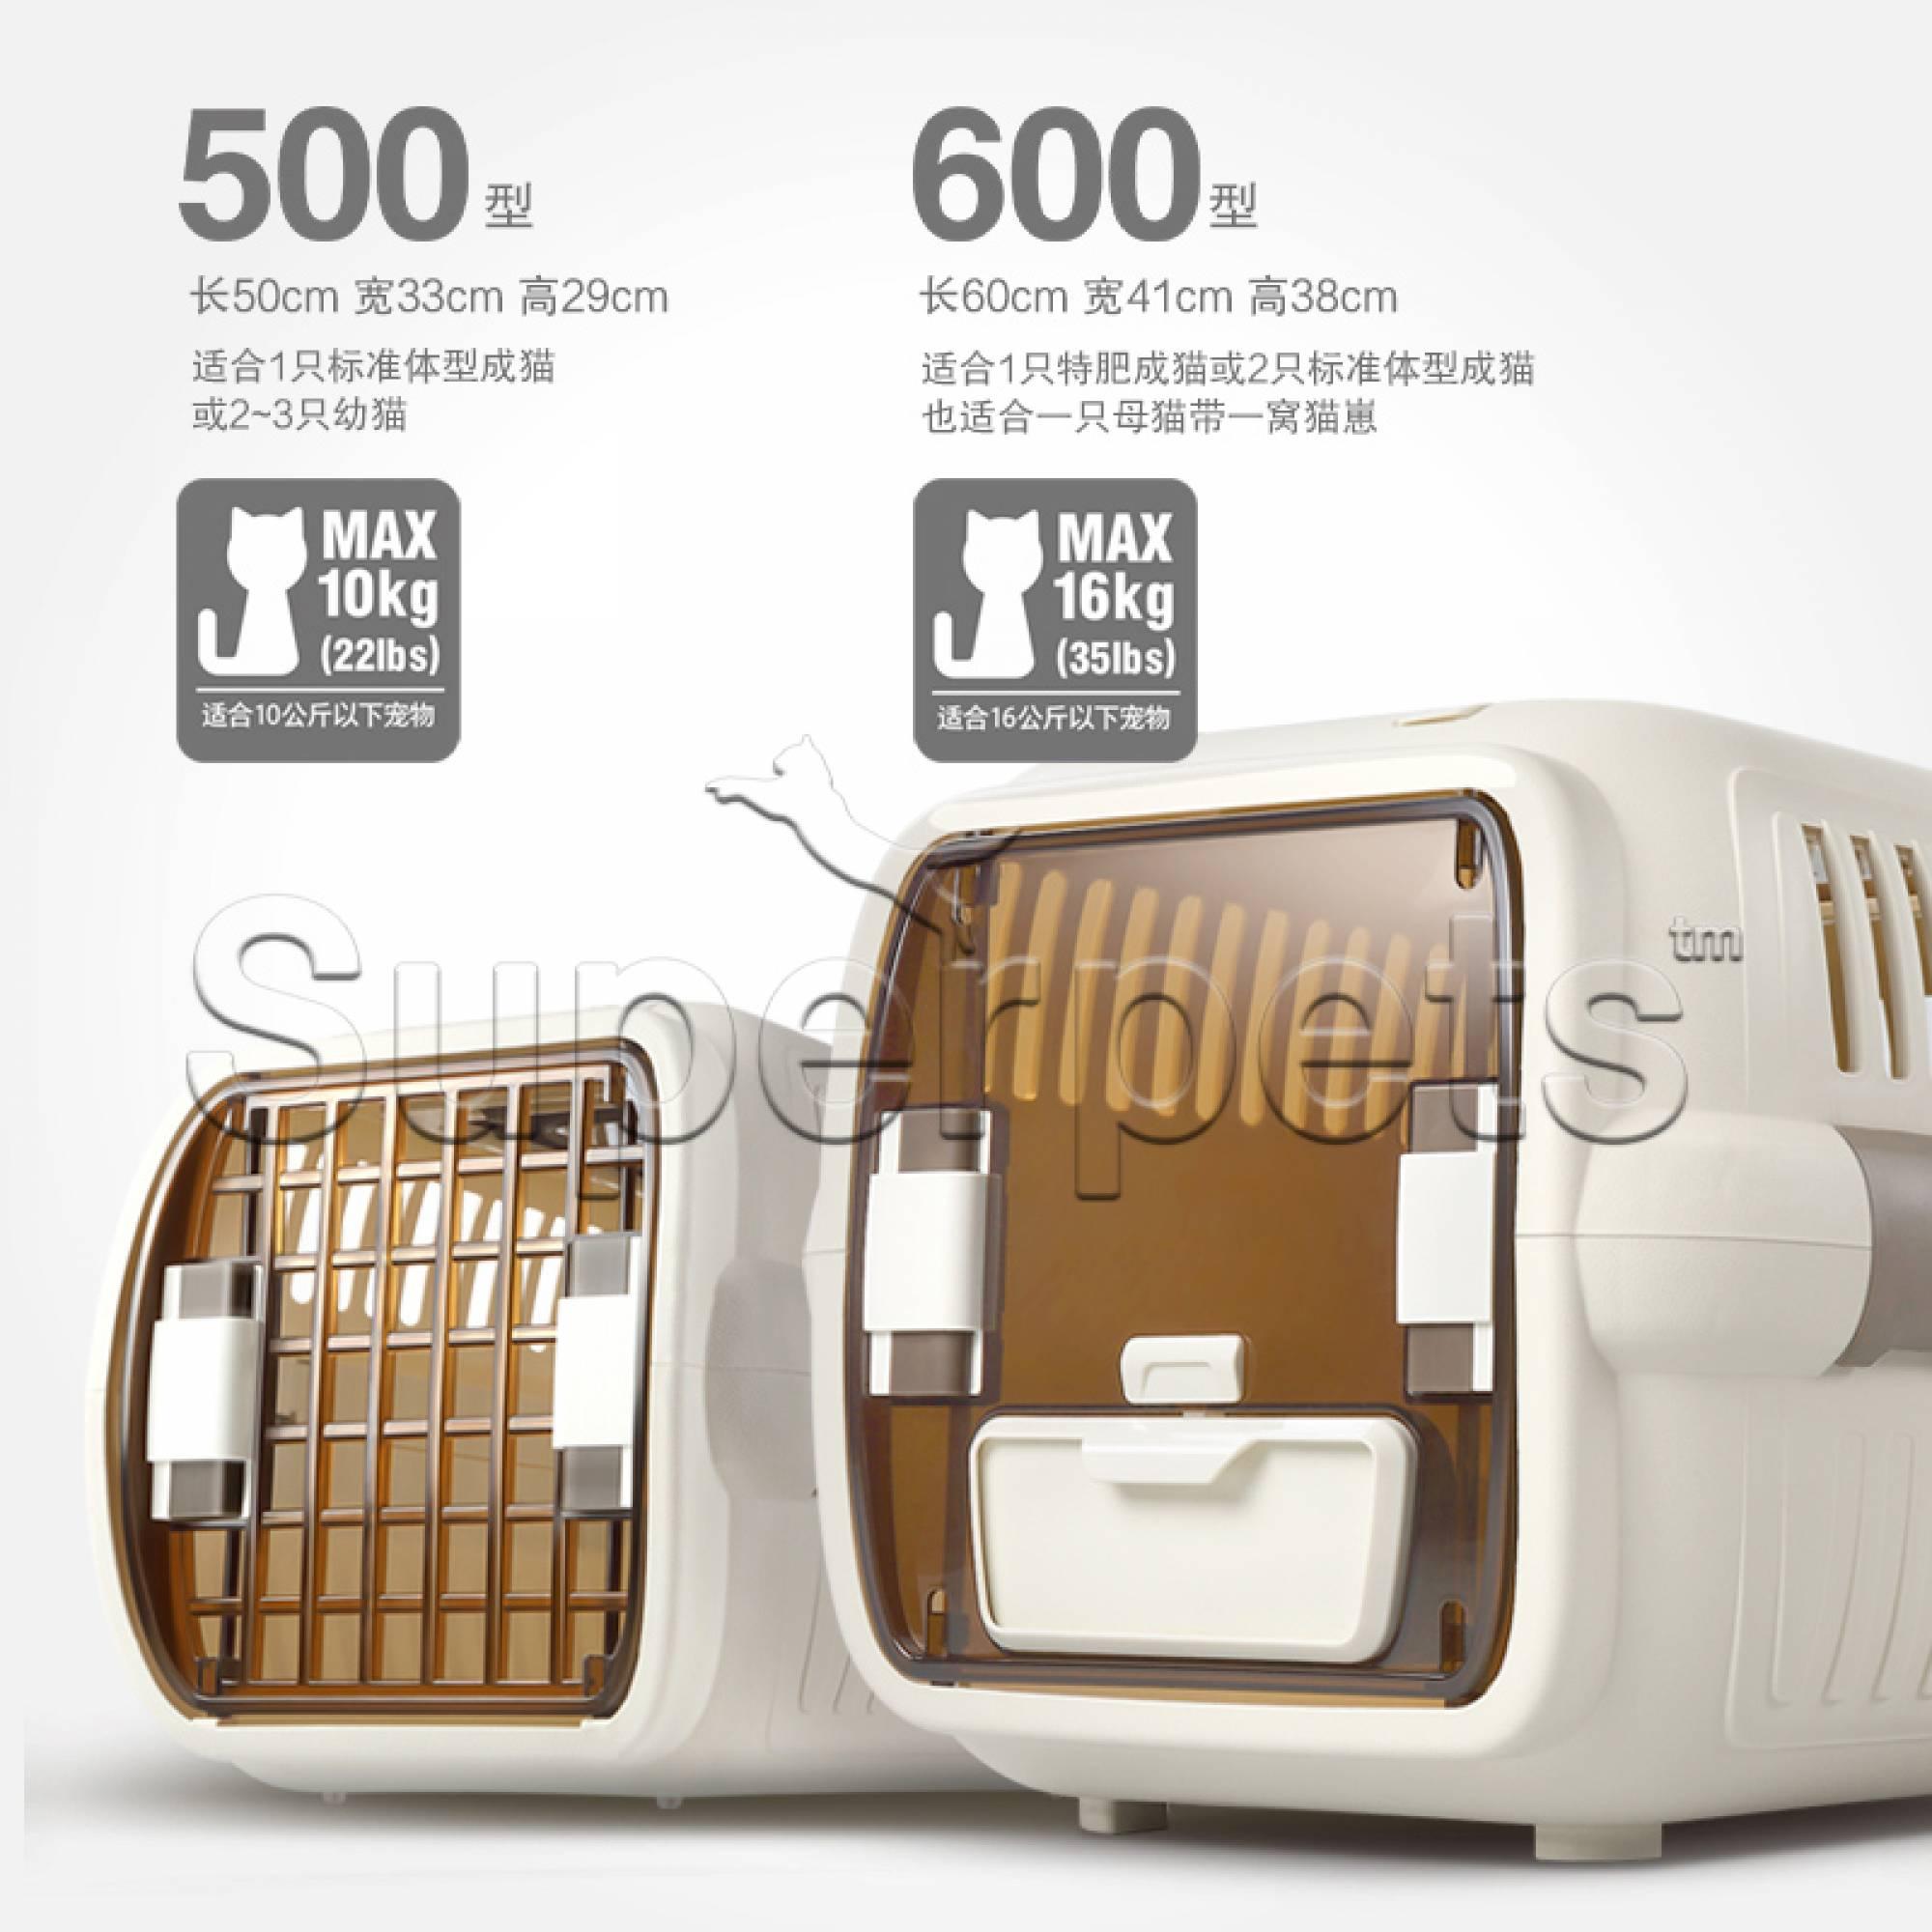 CATIDEA - Cat Carrier (Cream) - Model 500 (max 10kg)